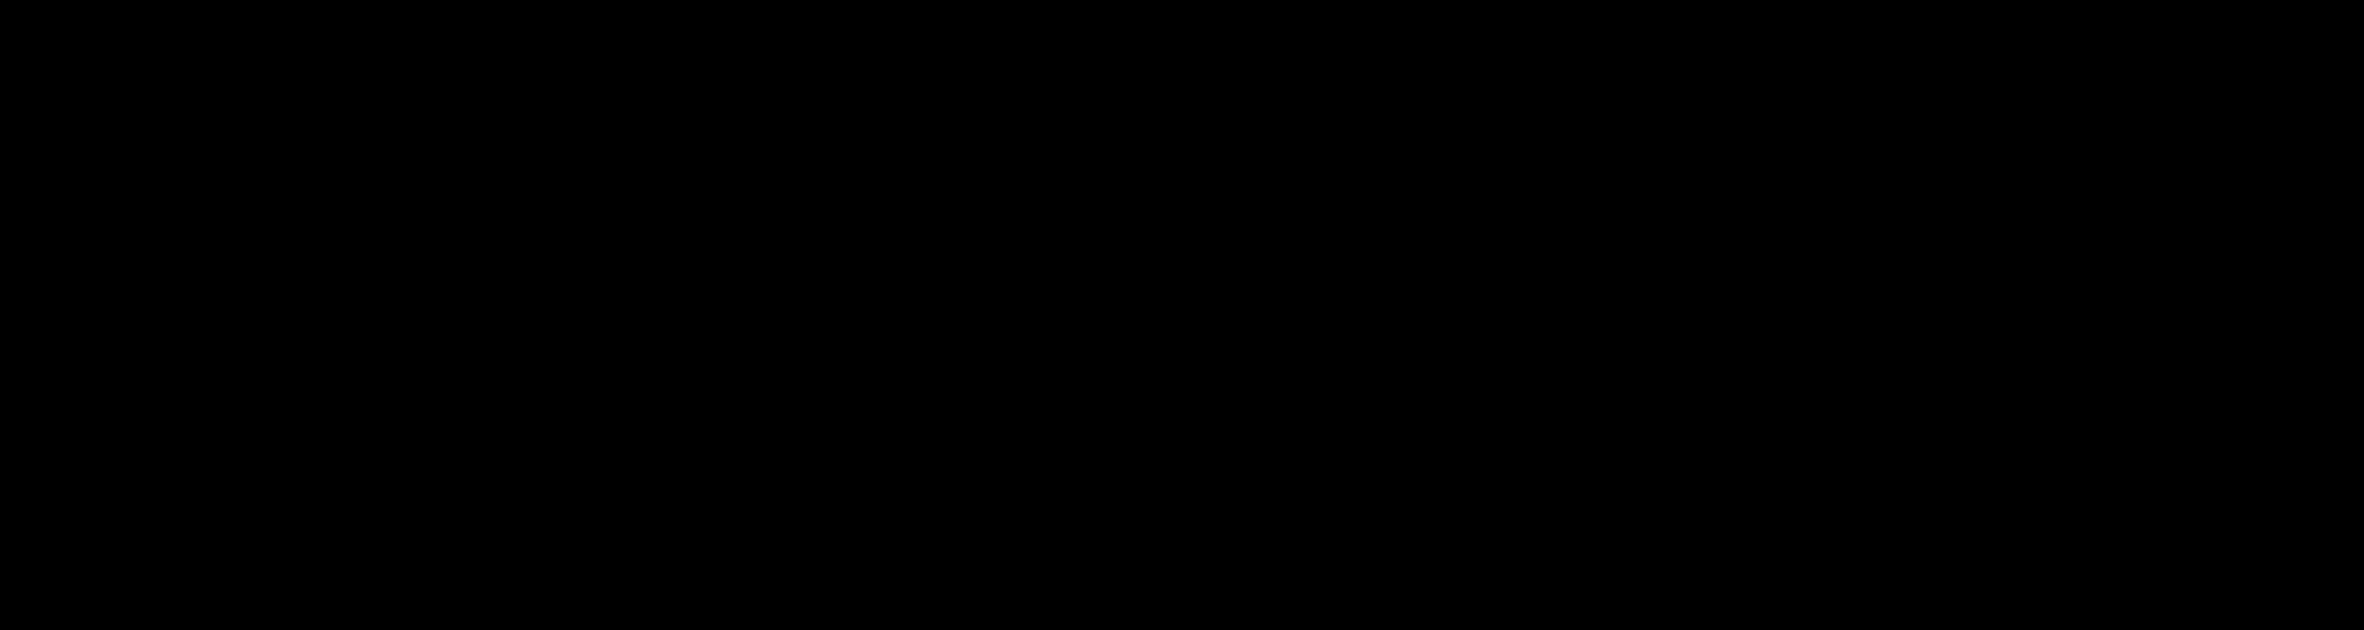 Santa silhouette clip art. Sleigh clipart black and white